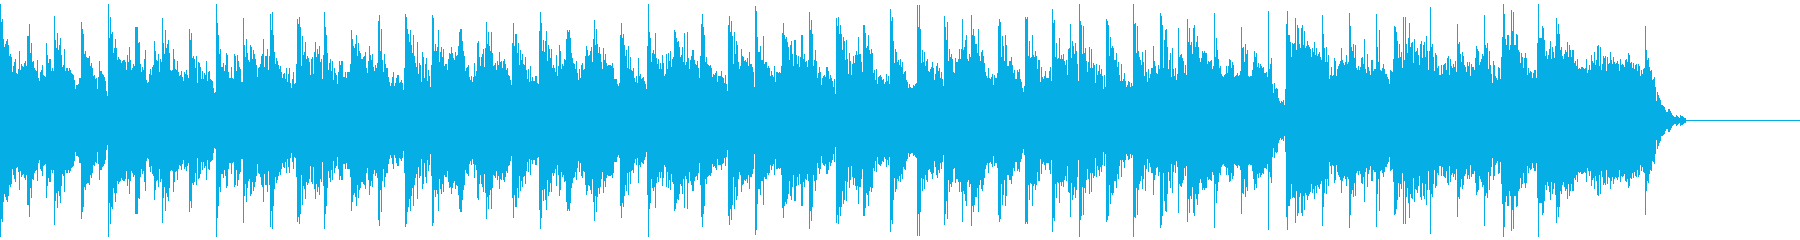 風変わりなアップビート感のあるプロ...の再生済みの波形